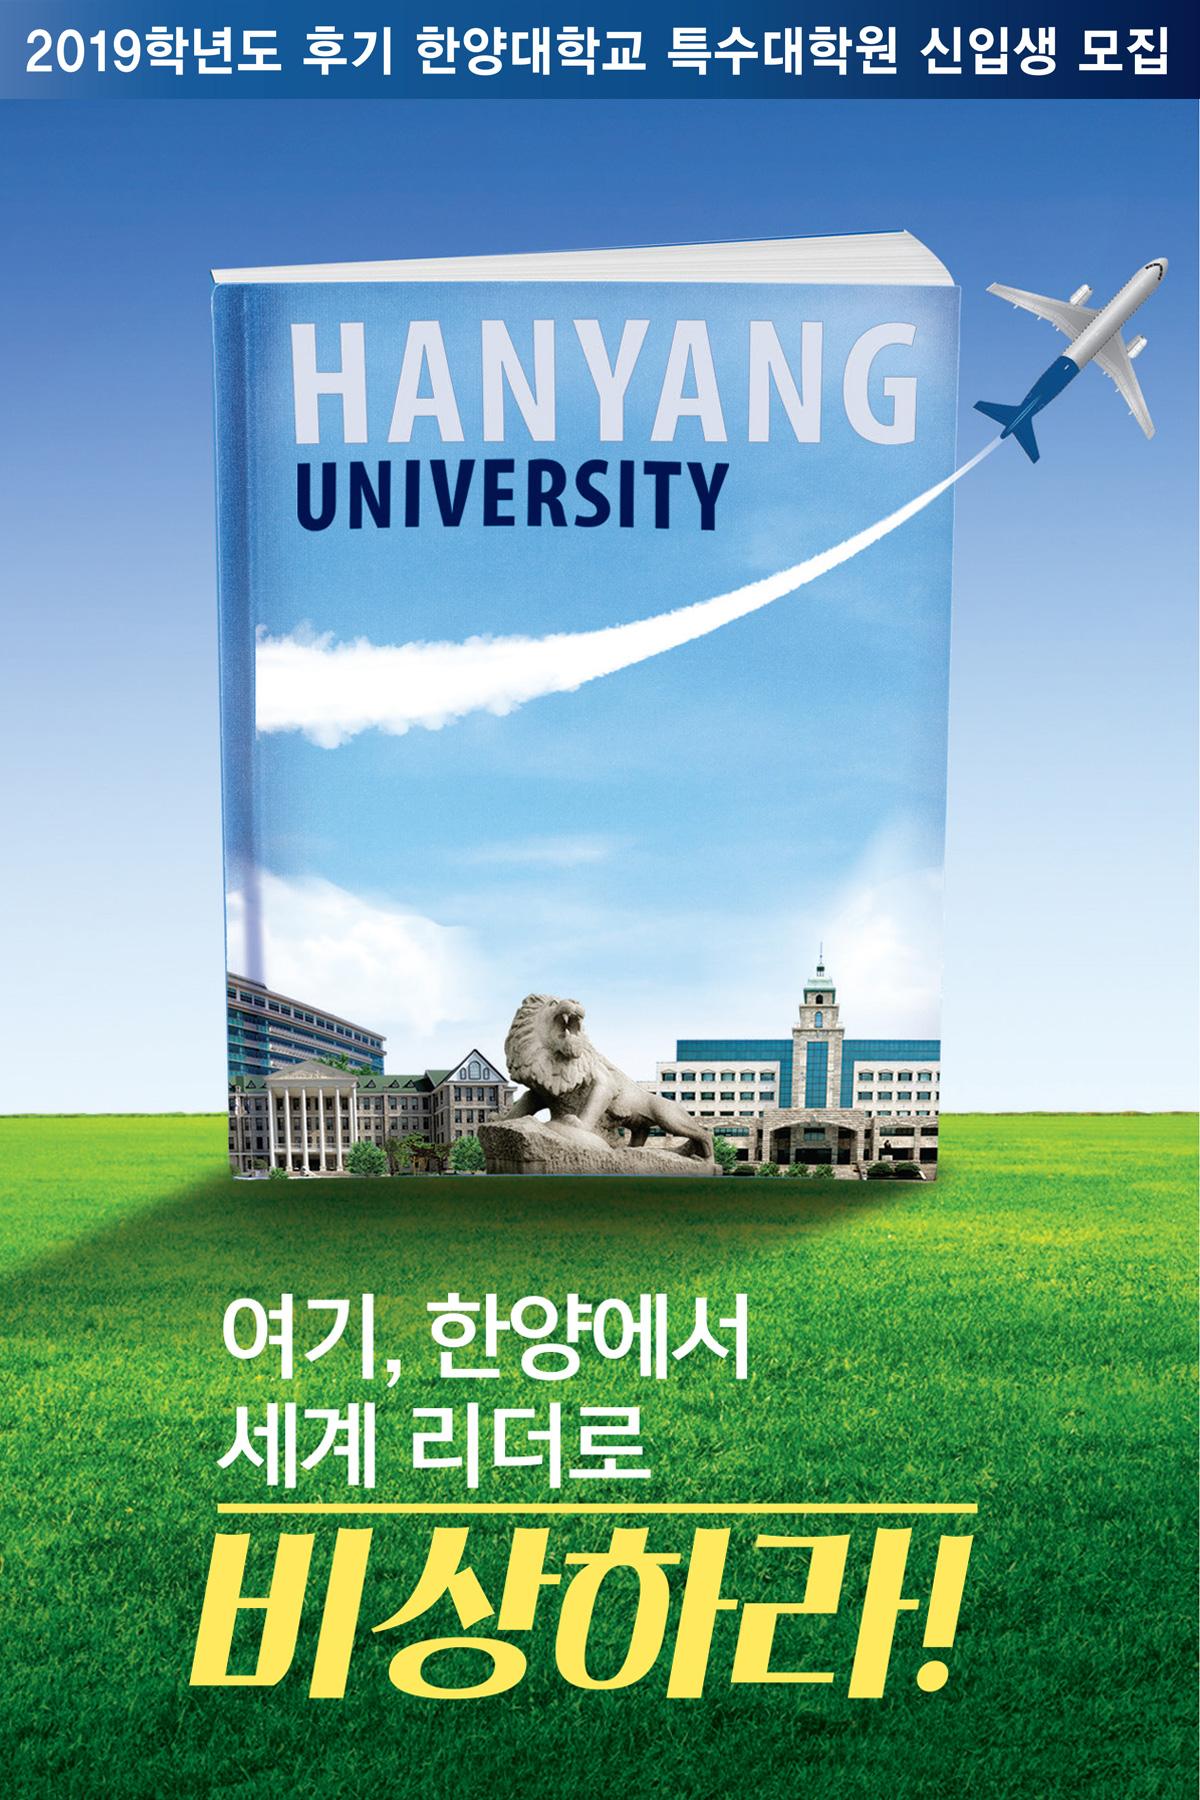 2019학년도 후기 한양대학교 특수대학원 신입생 모집